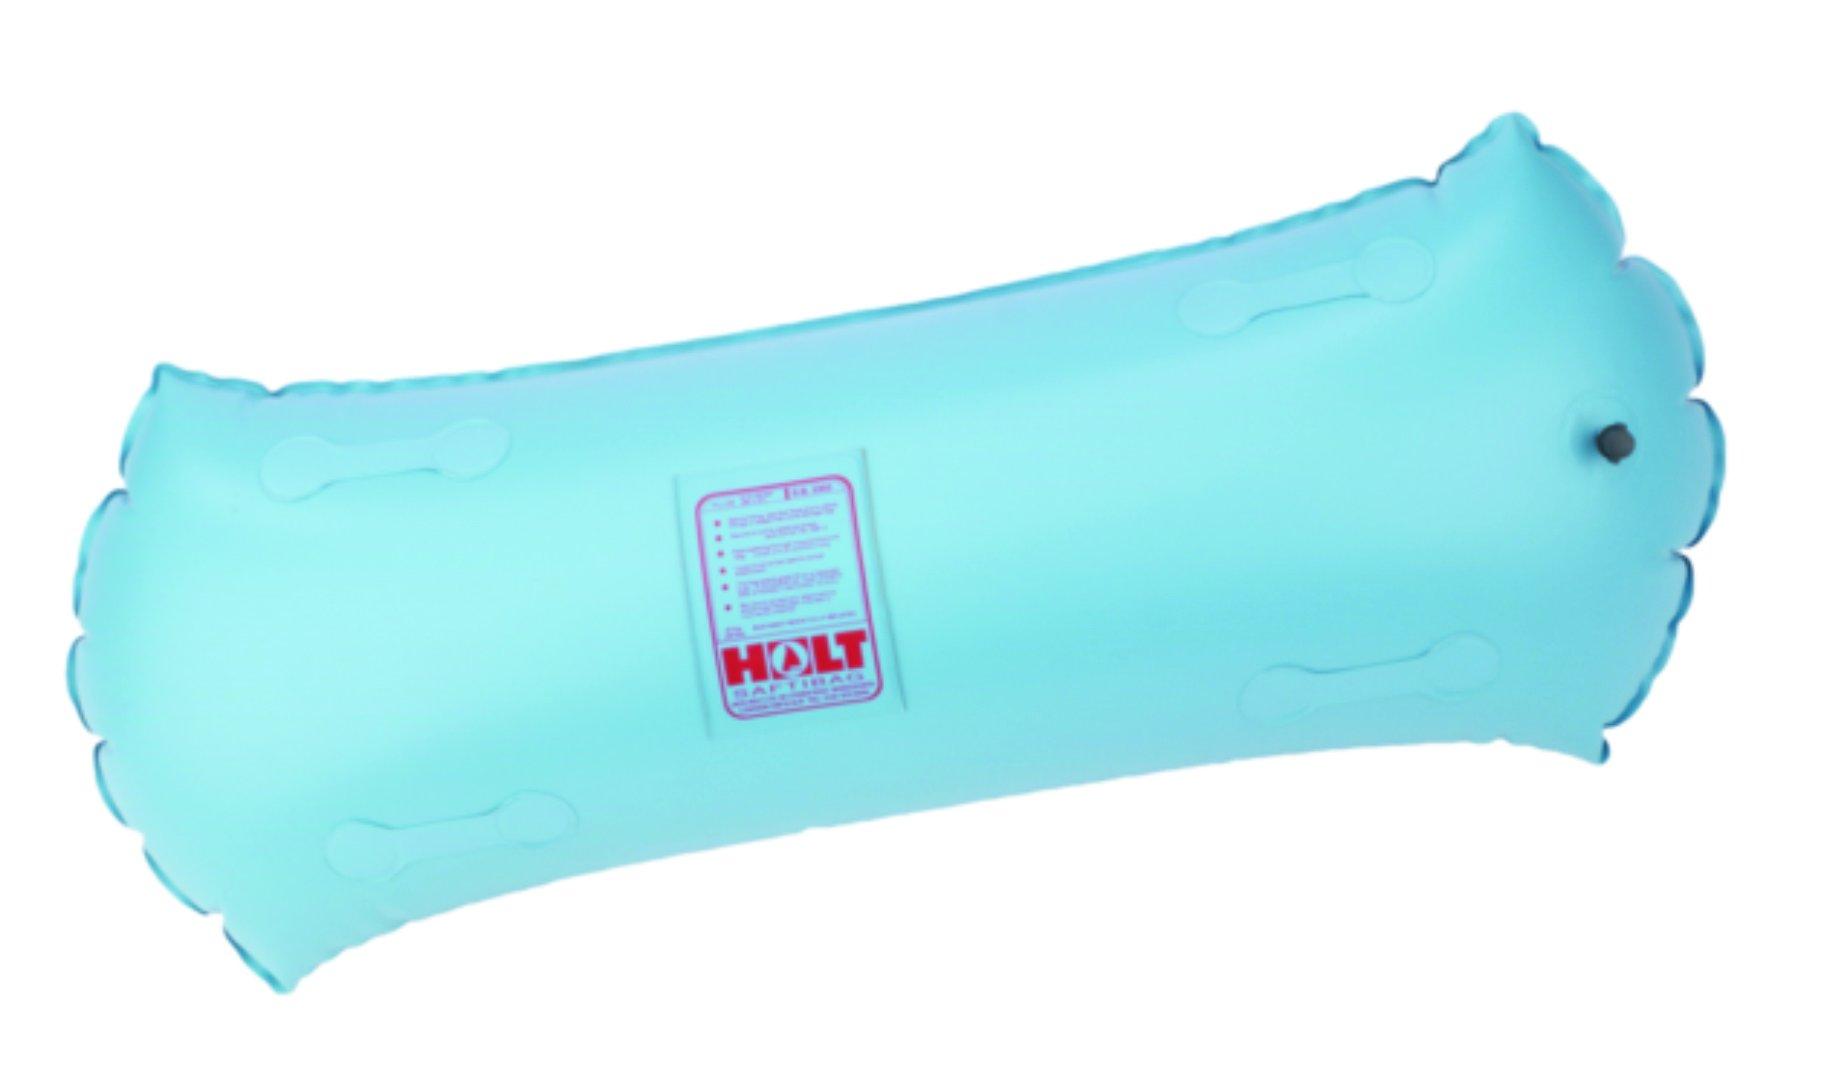 Nautos SB2202 - BUOYANCY BAG- PILLOW BAG 22 '' X 9'' - HOLT